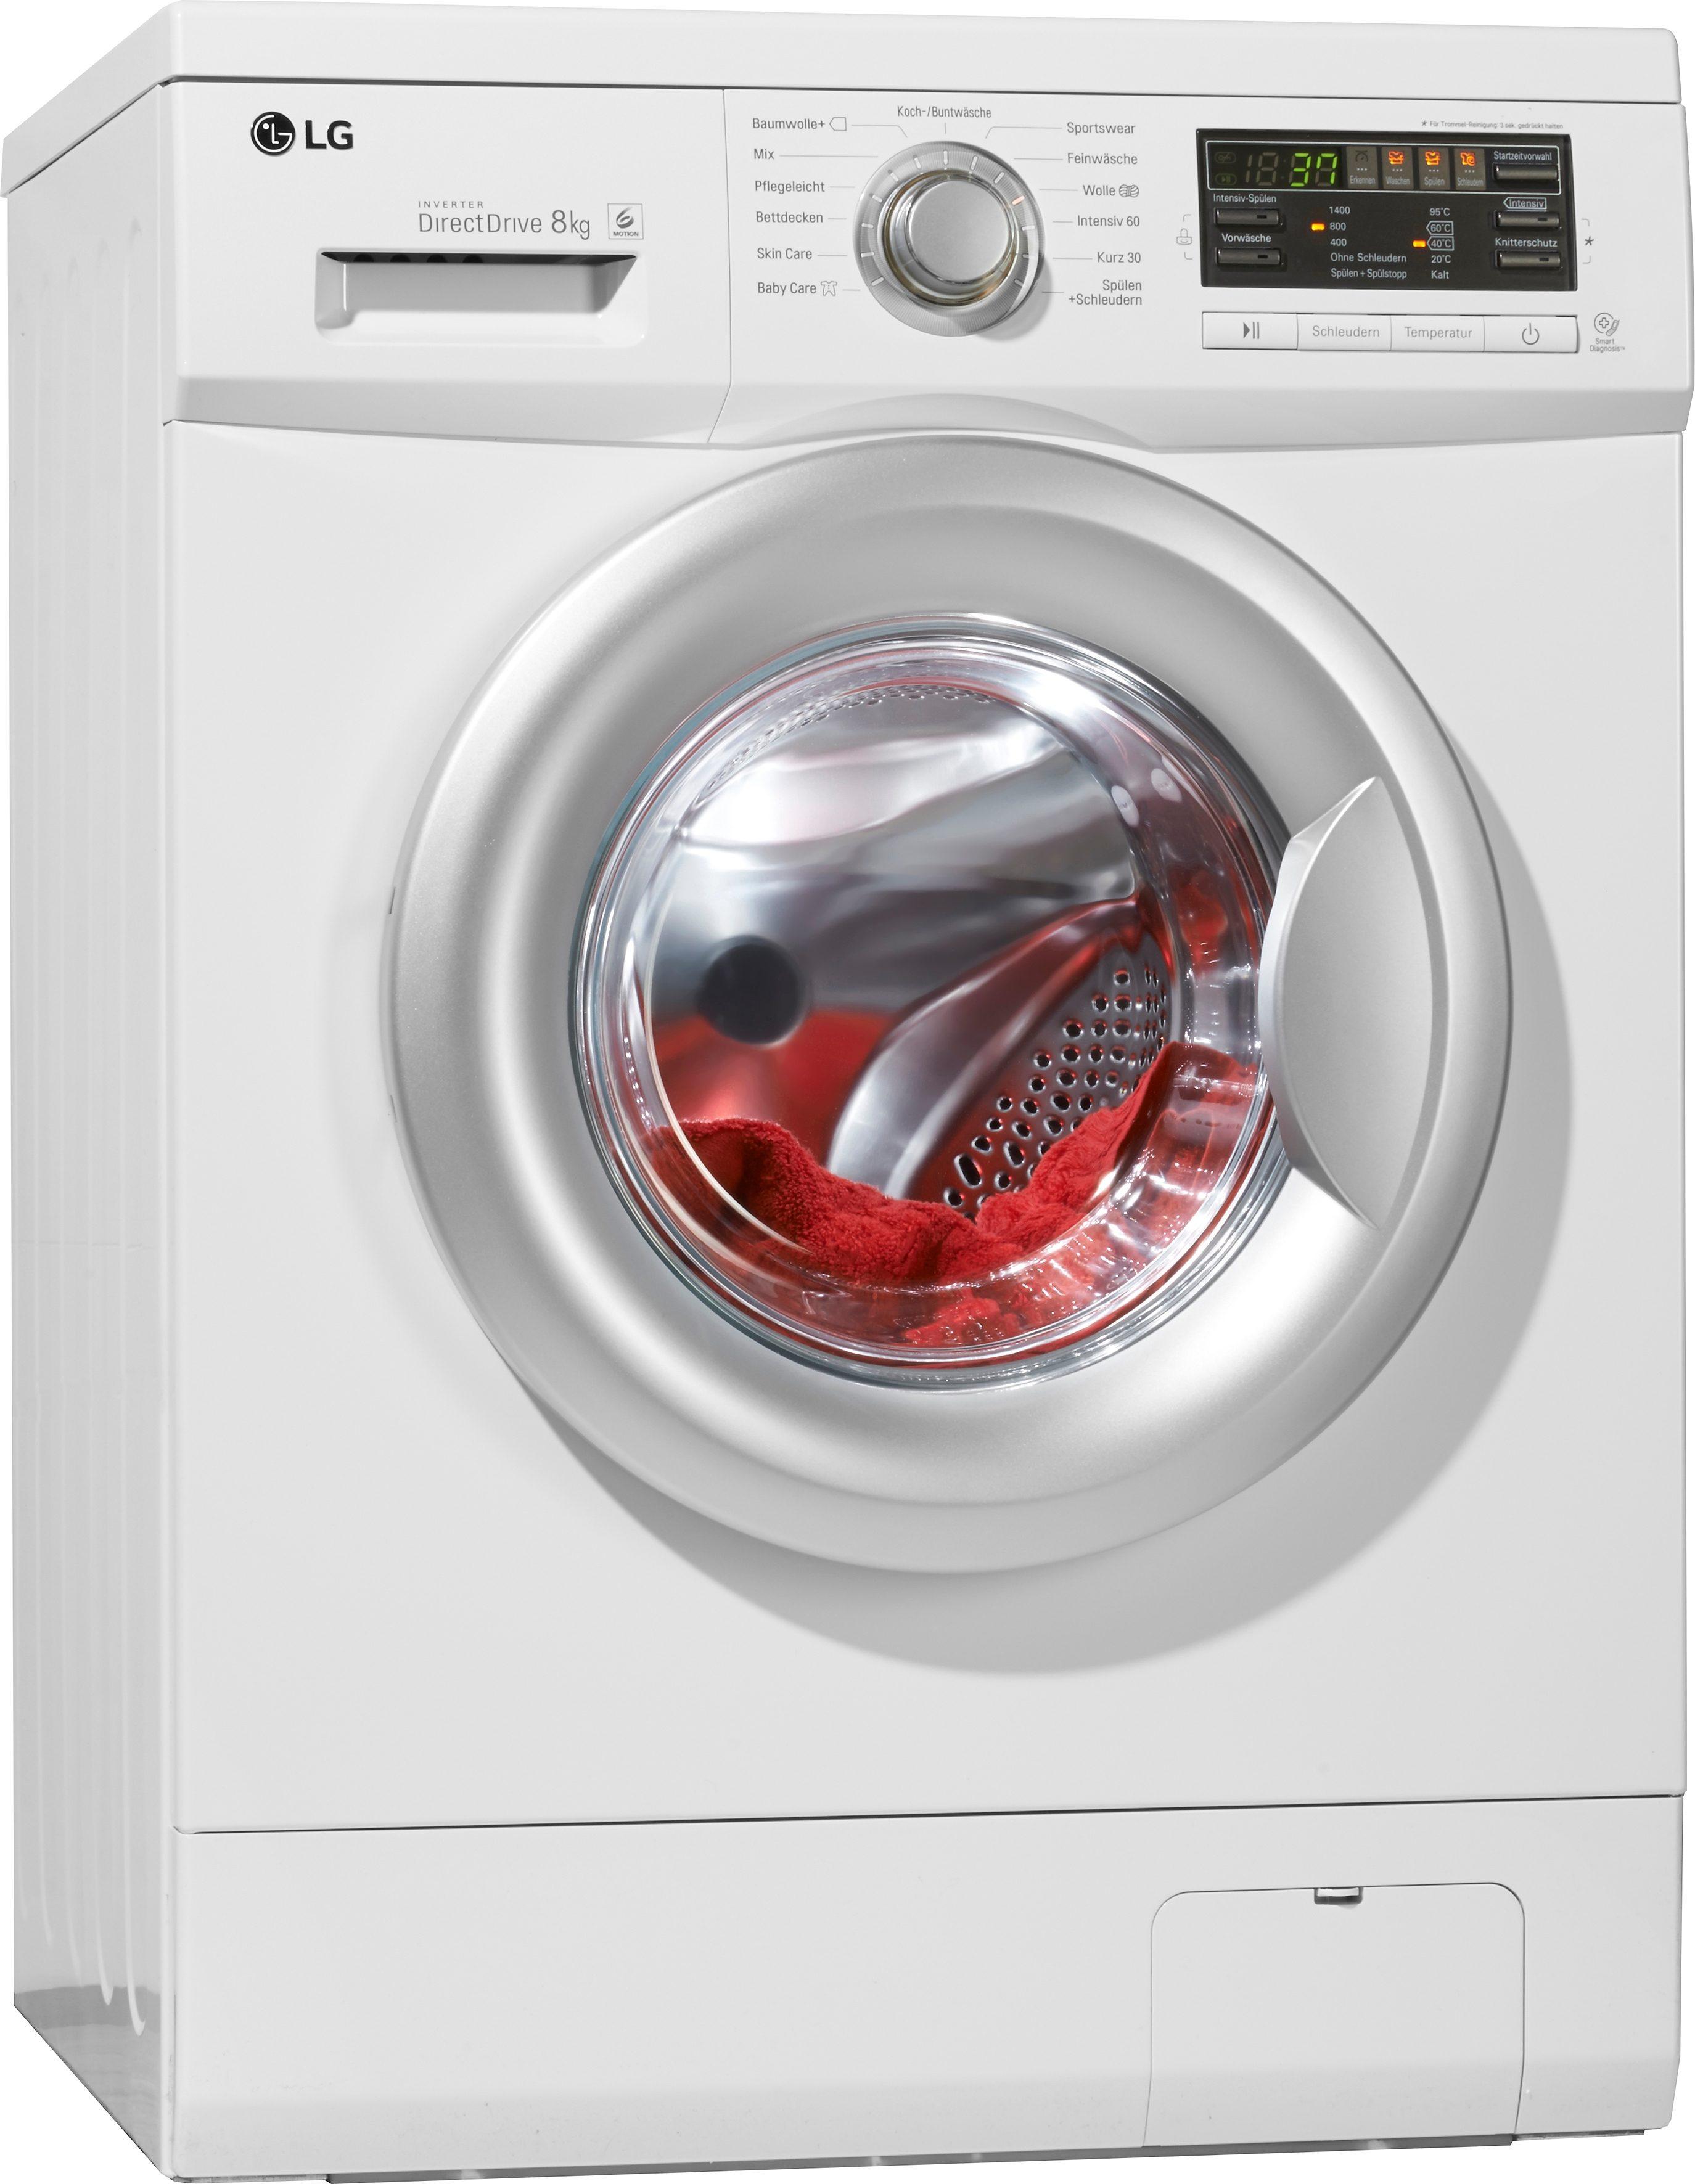 LG Waschmaschine F 14B8 TDA7H, A+++, 8 kg, 1400 U/Min